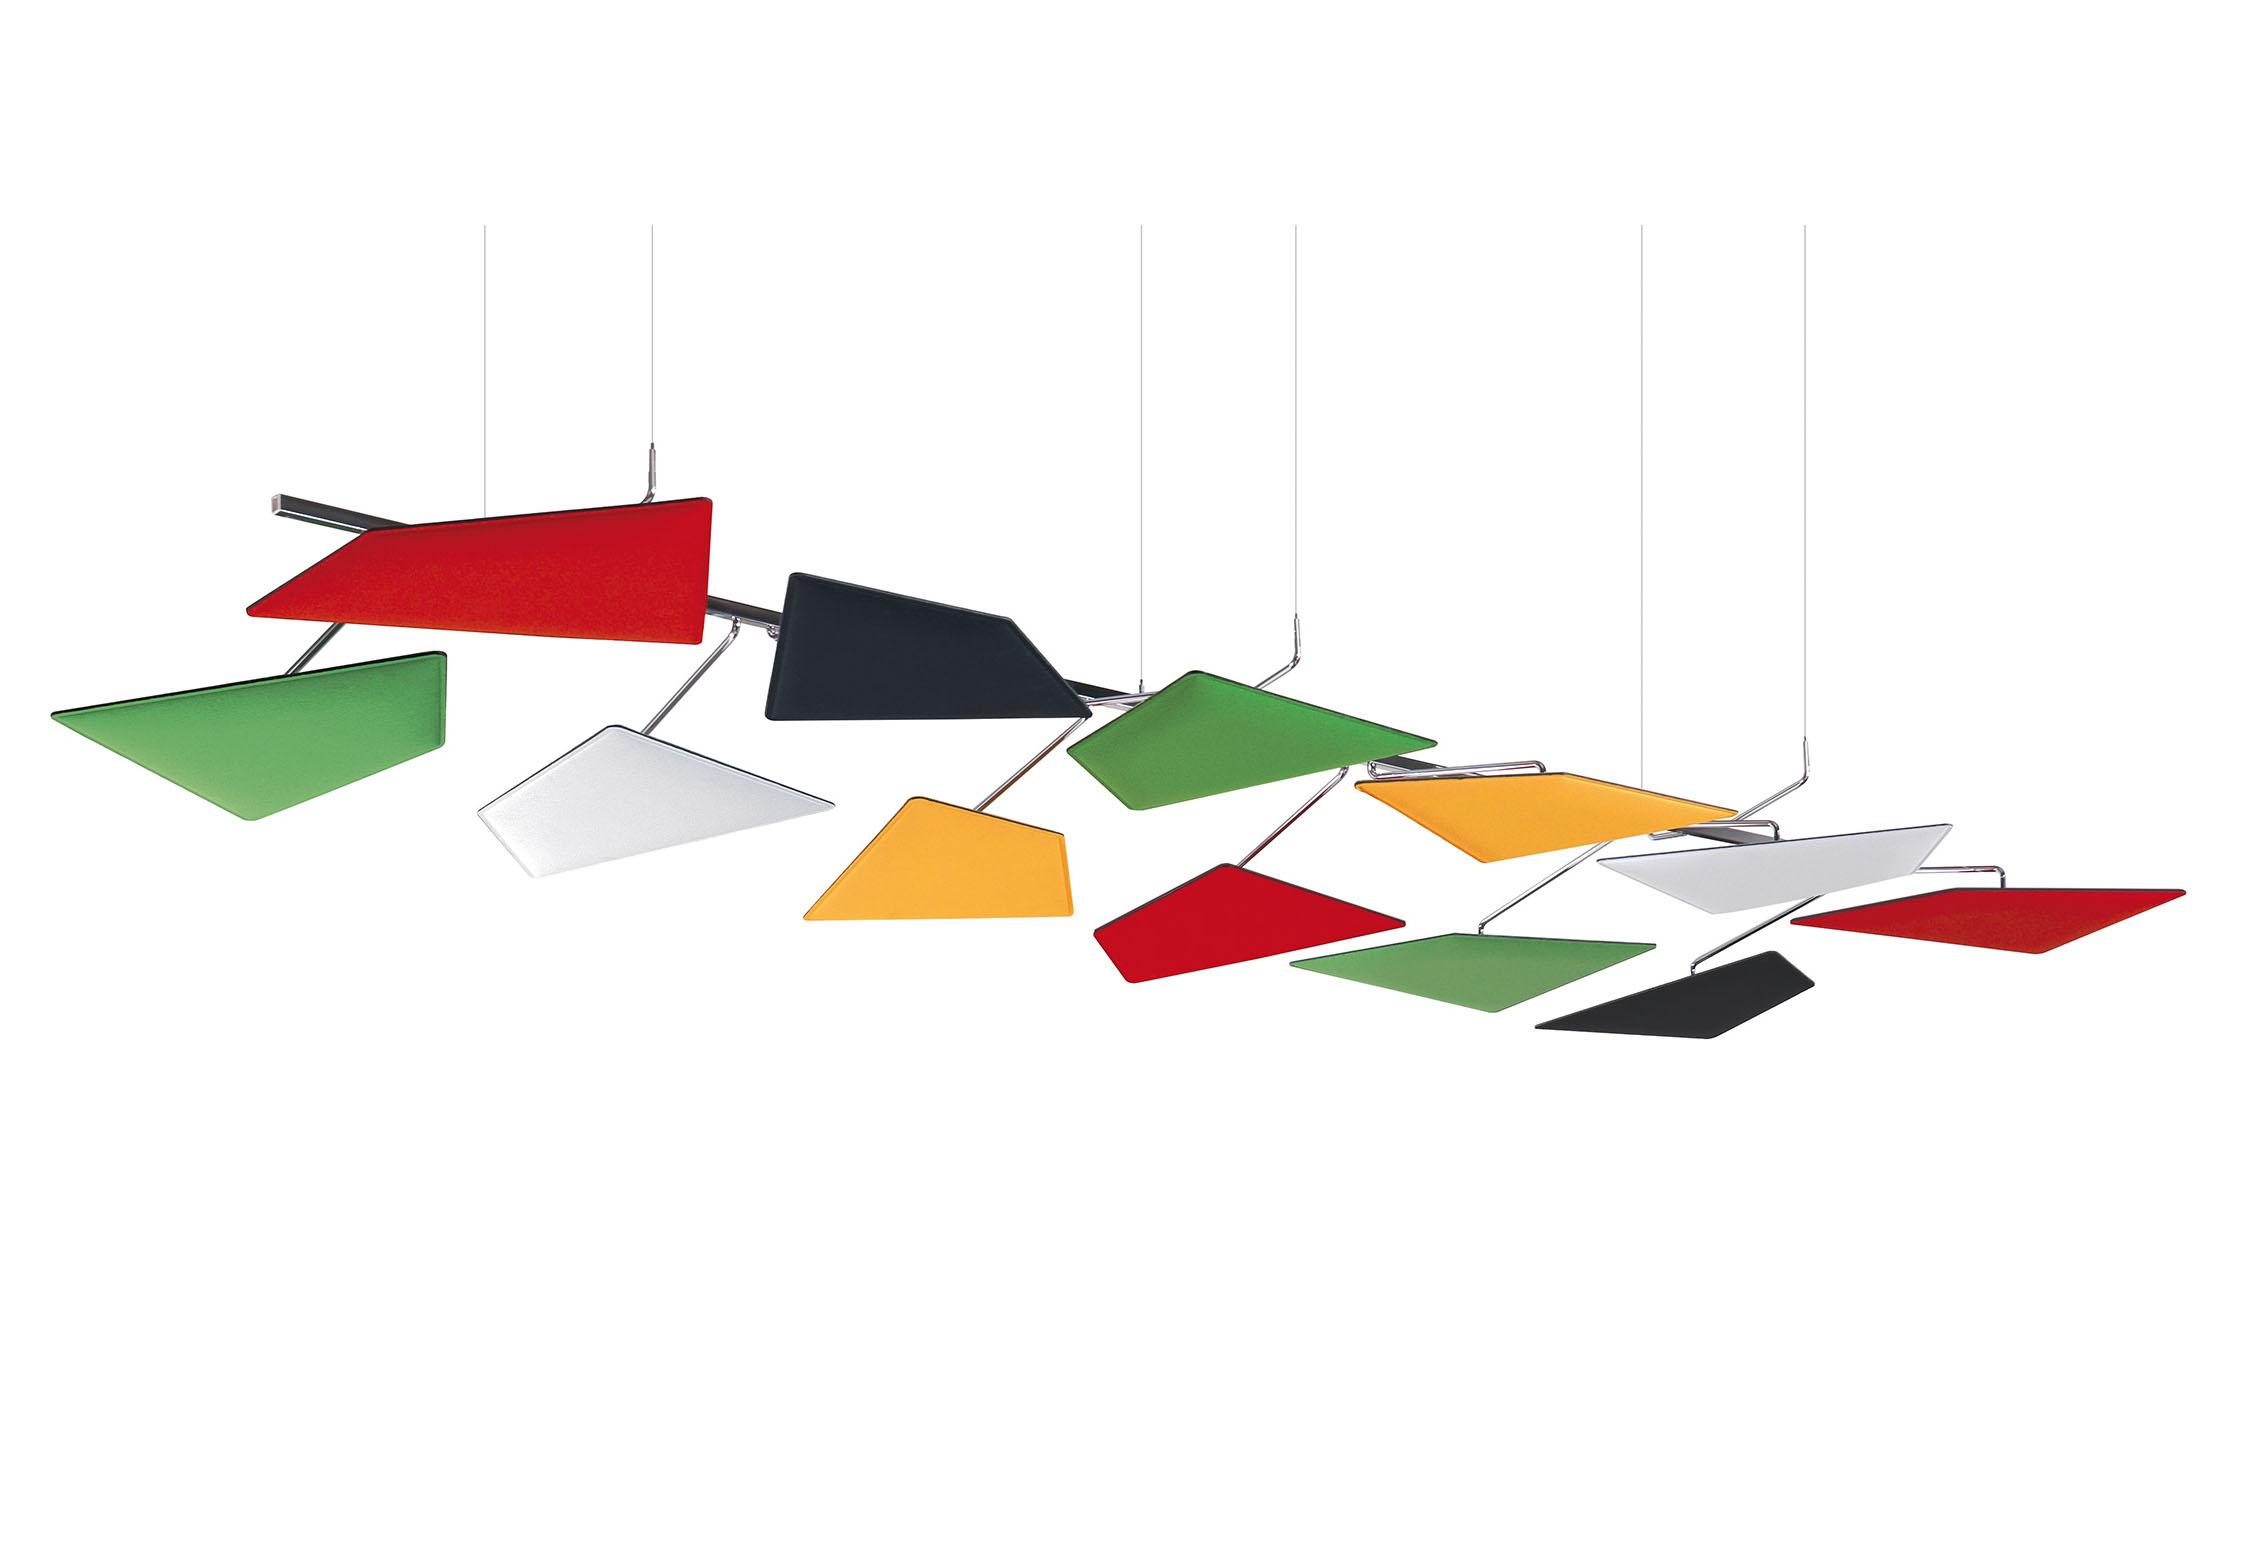 Caimi Flap Ceiling - Gamme de panneaux acoustiques plafond